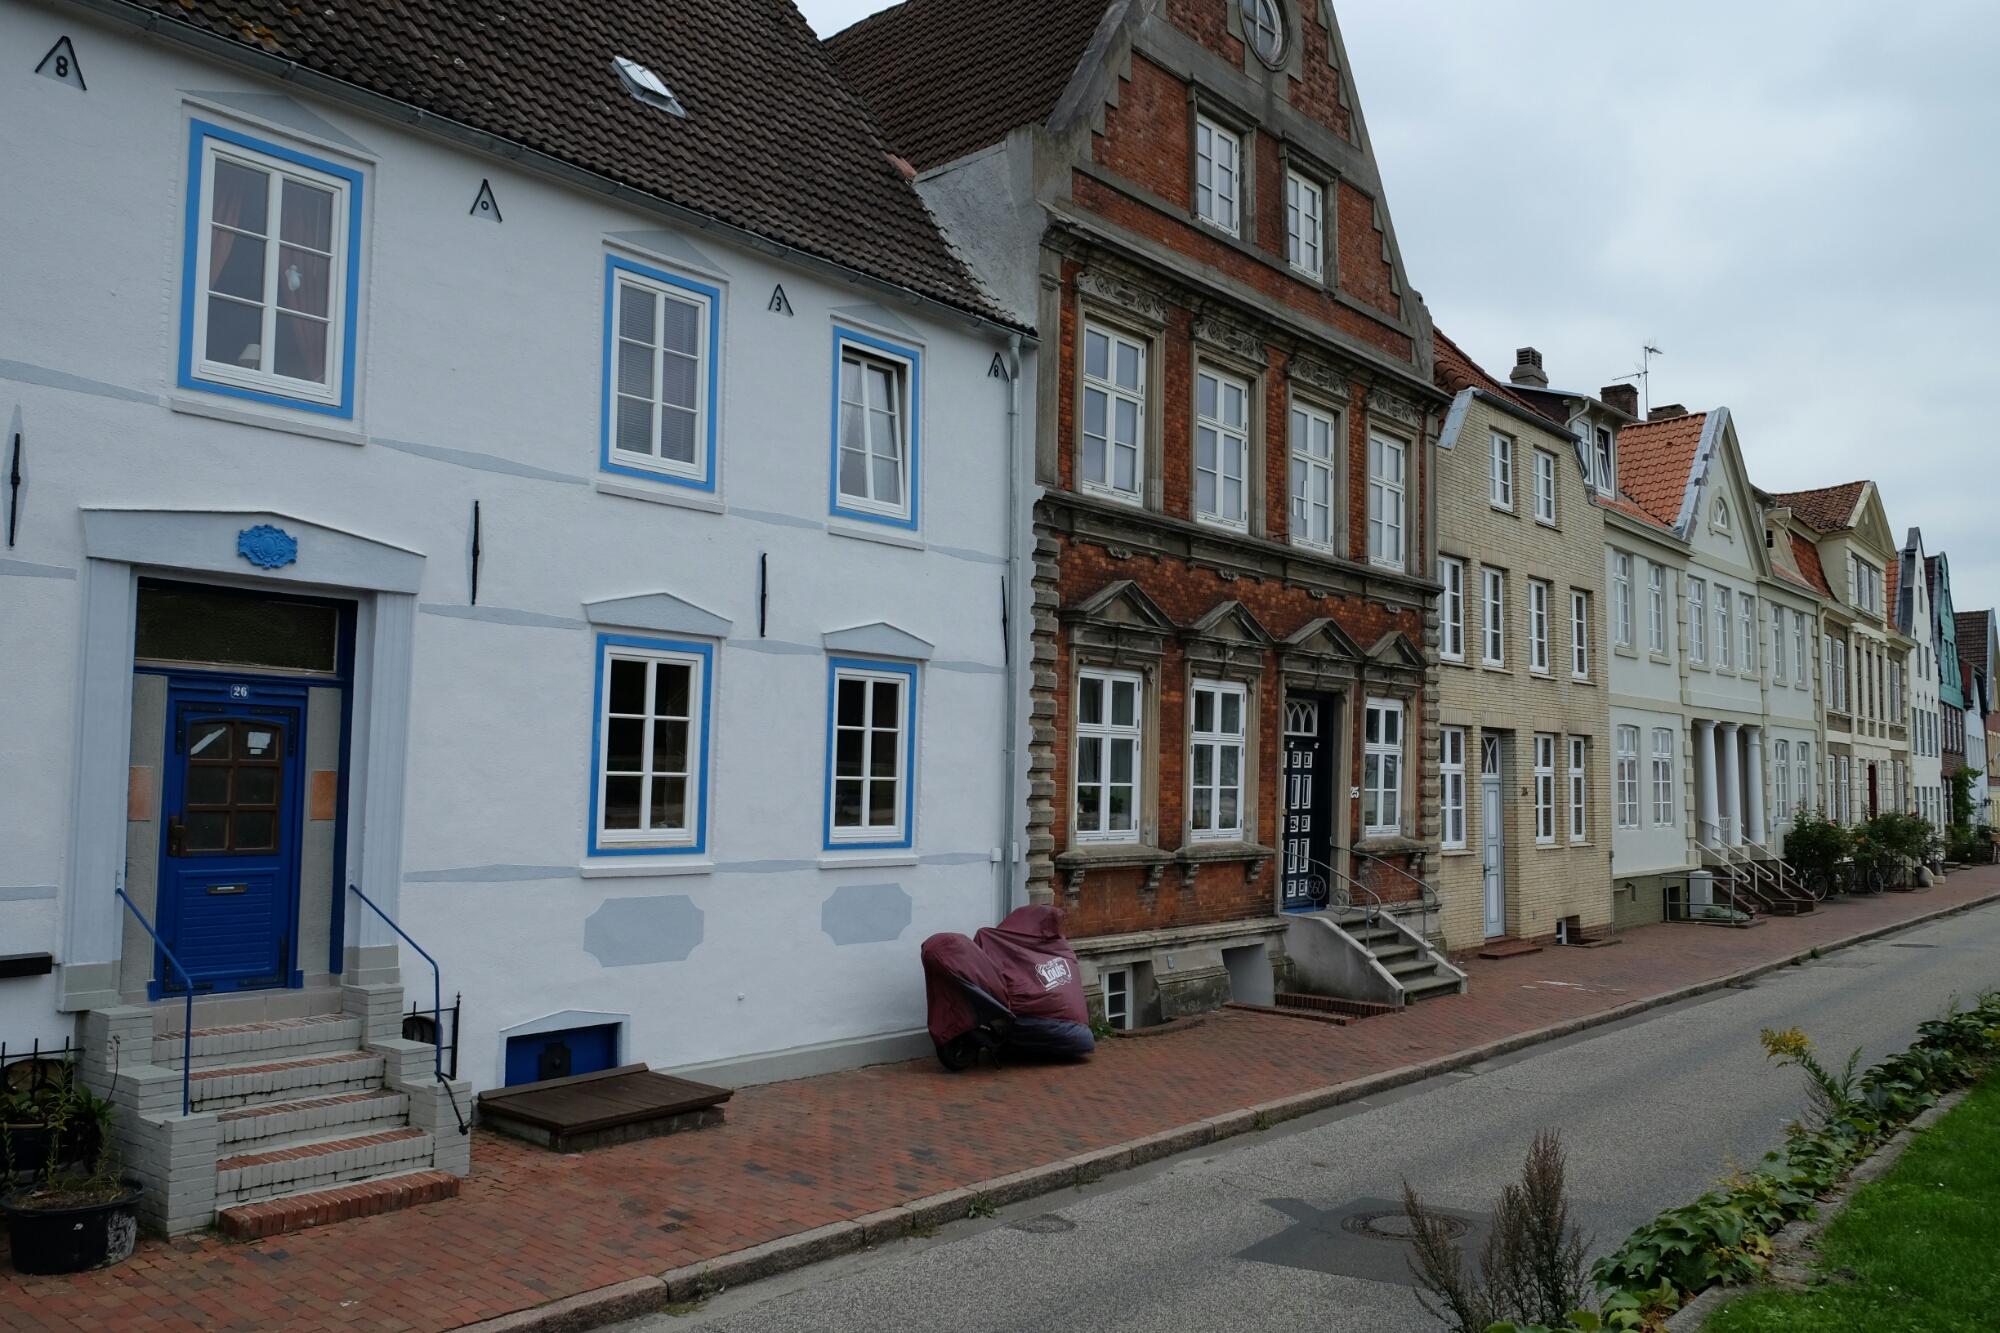 Historische Häuserzeile in Glückstadt